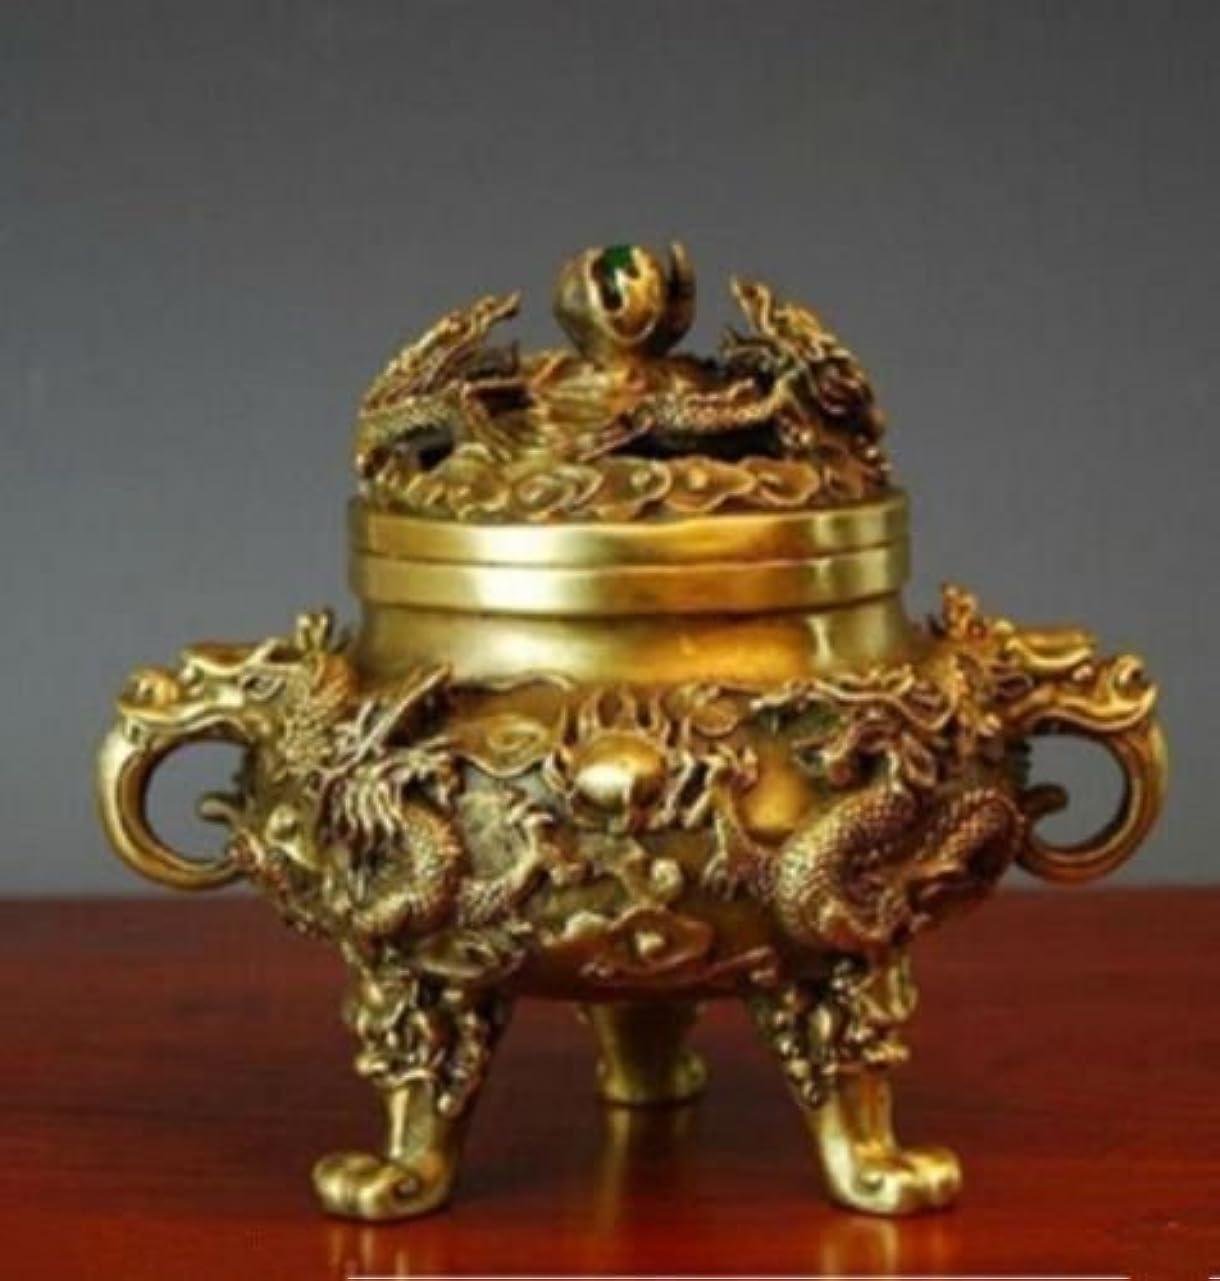 付き添い人メダルマカダムコレクティブル中国の真鍮の九ドラゴンズ九龍香のバーナー (2)